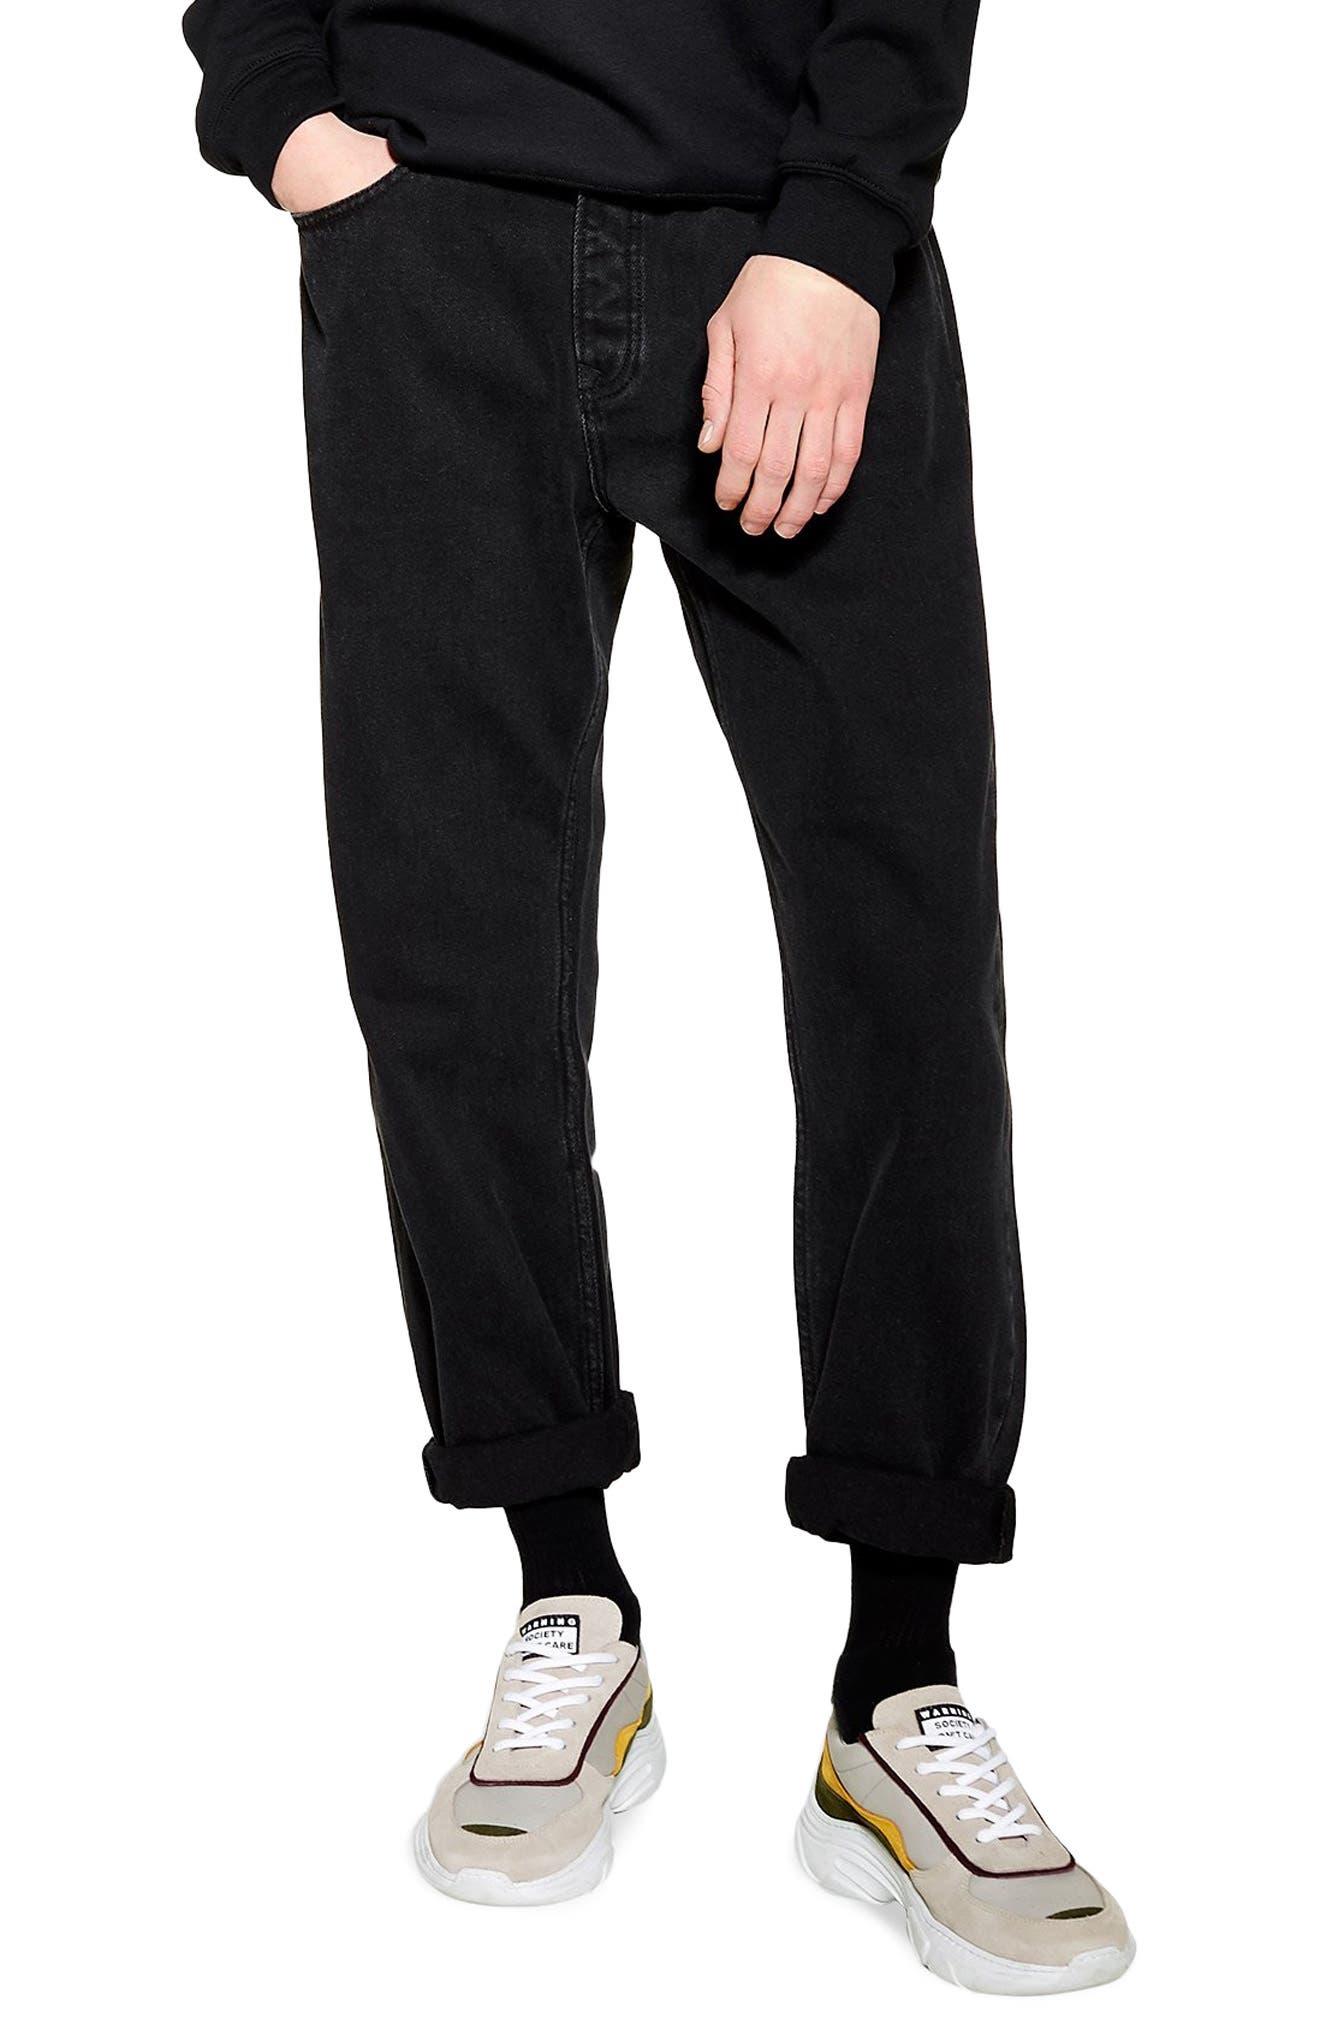 TOPMAN, Larry Original Fit Jeans, Main thumbnail 1, color, BLACK